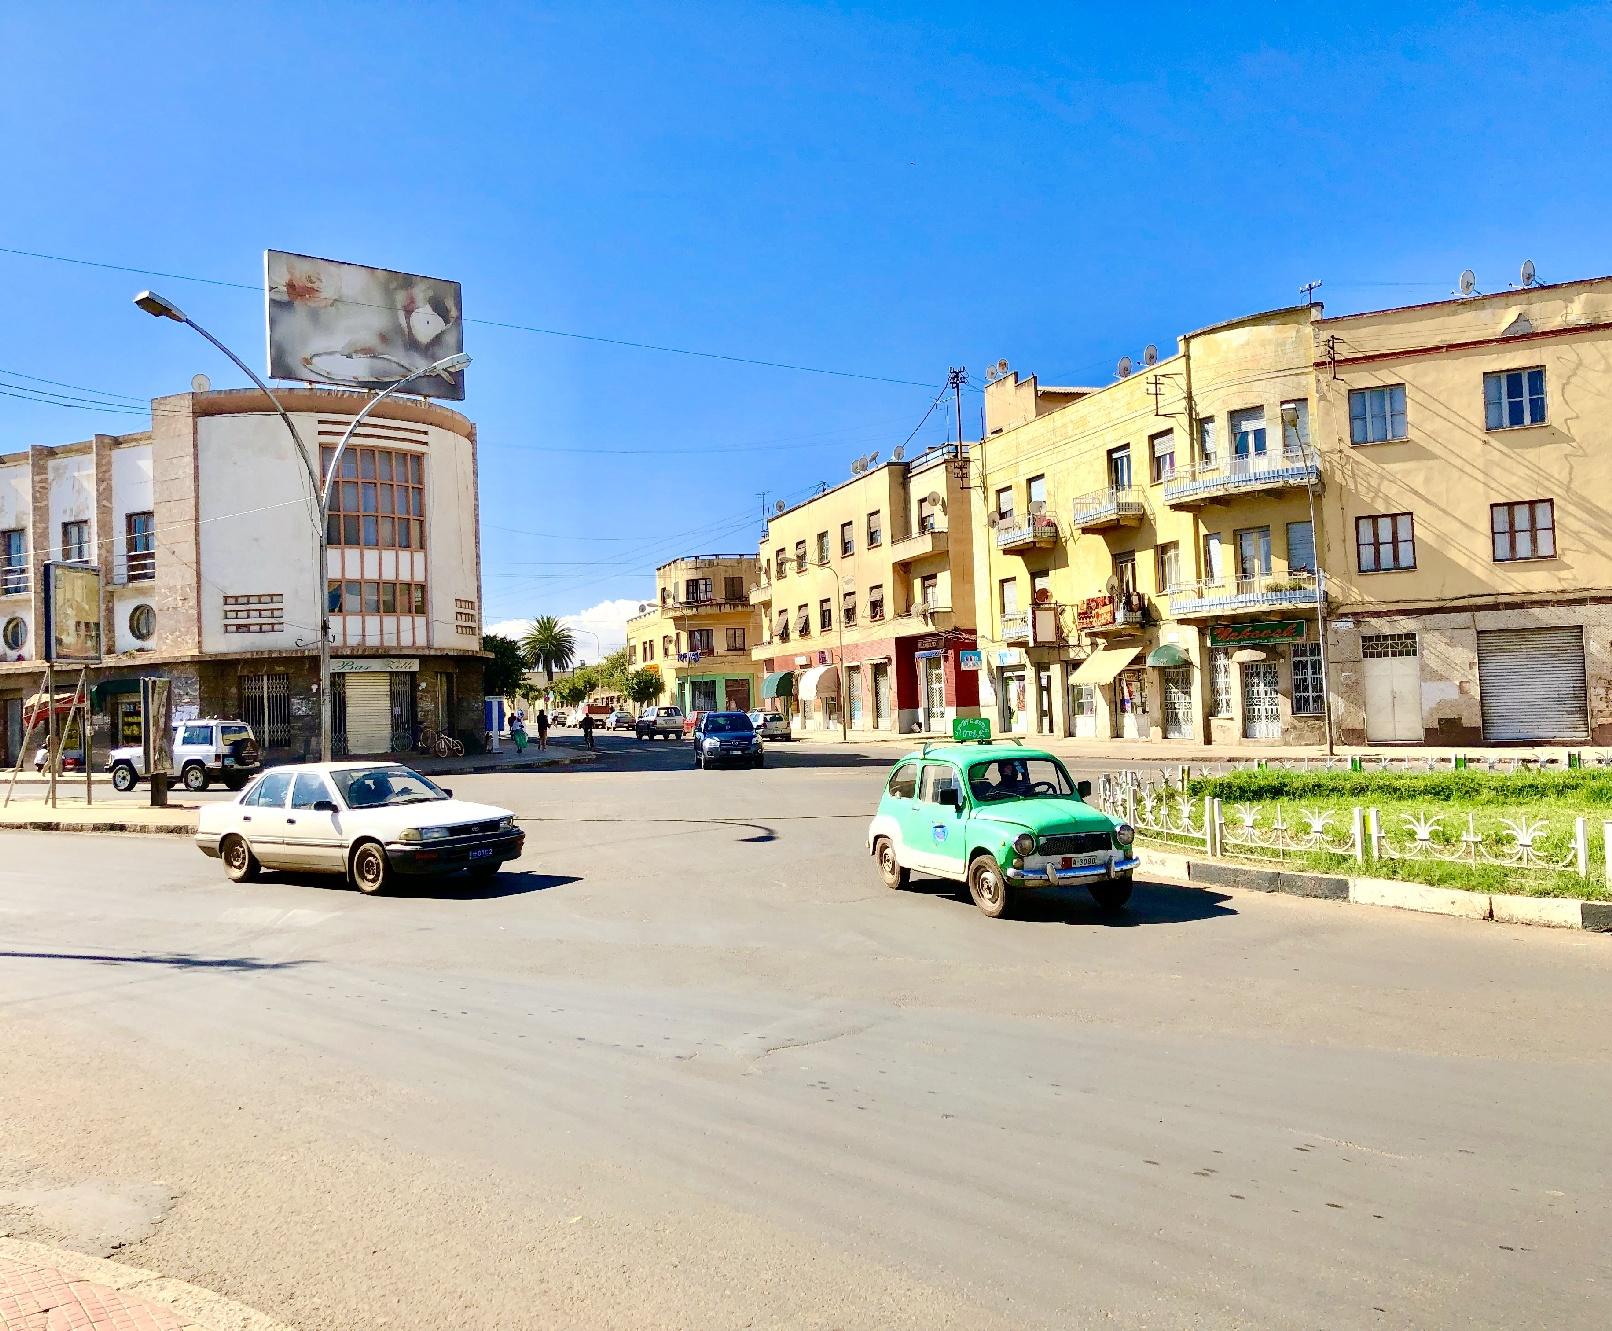 Exploring Eritrea – Ramblin' Randy